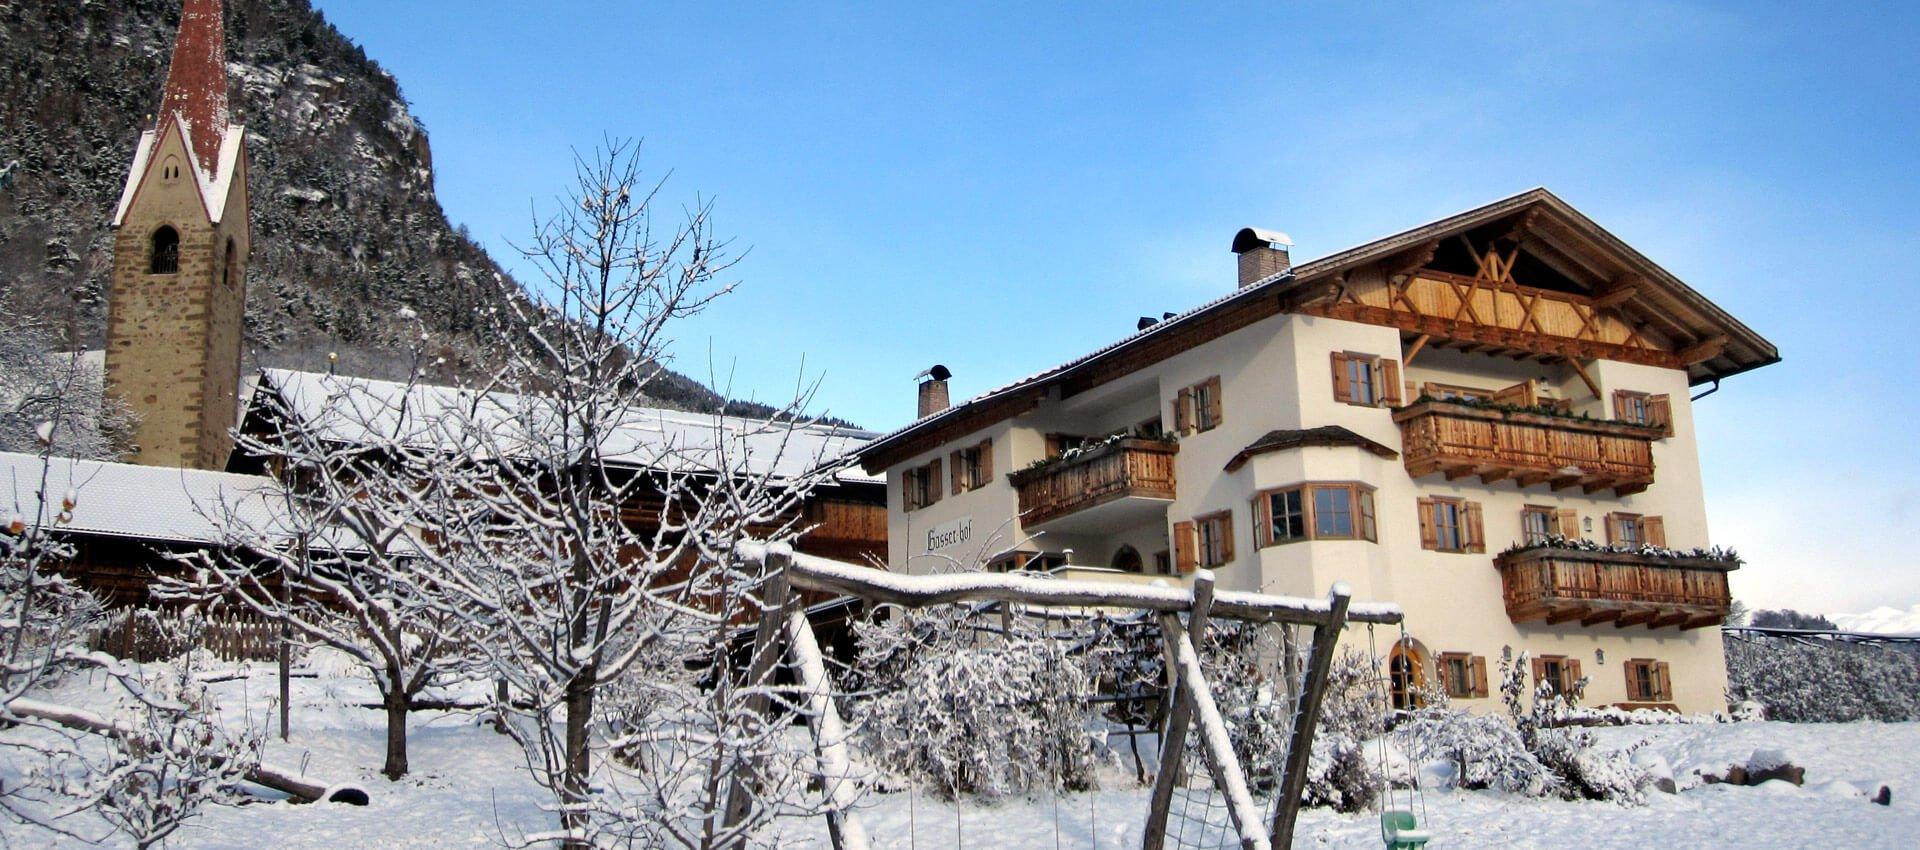 winterurlaub-eisacktal-06